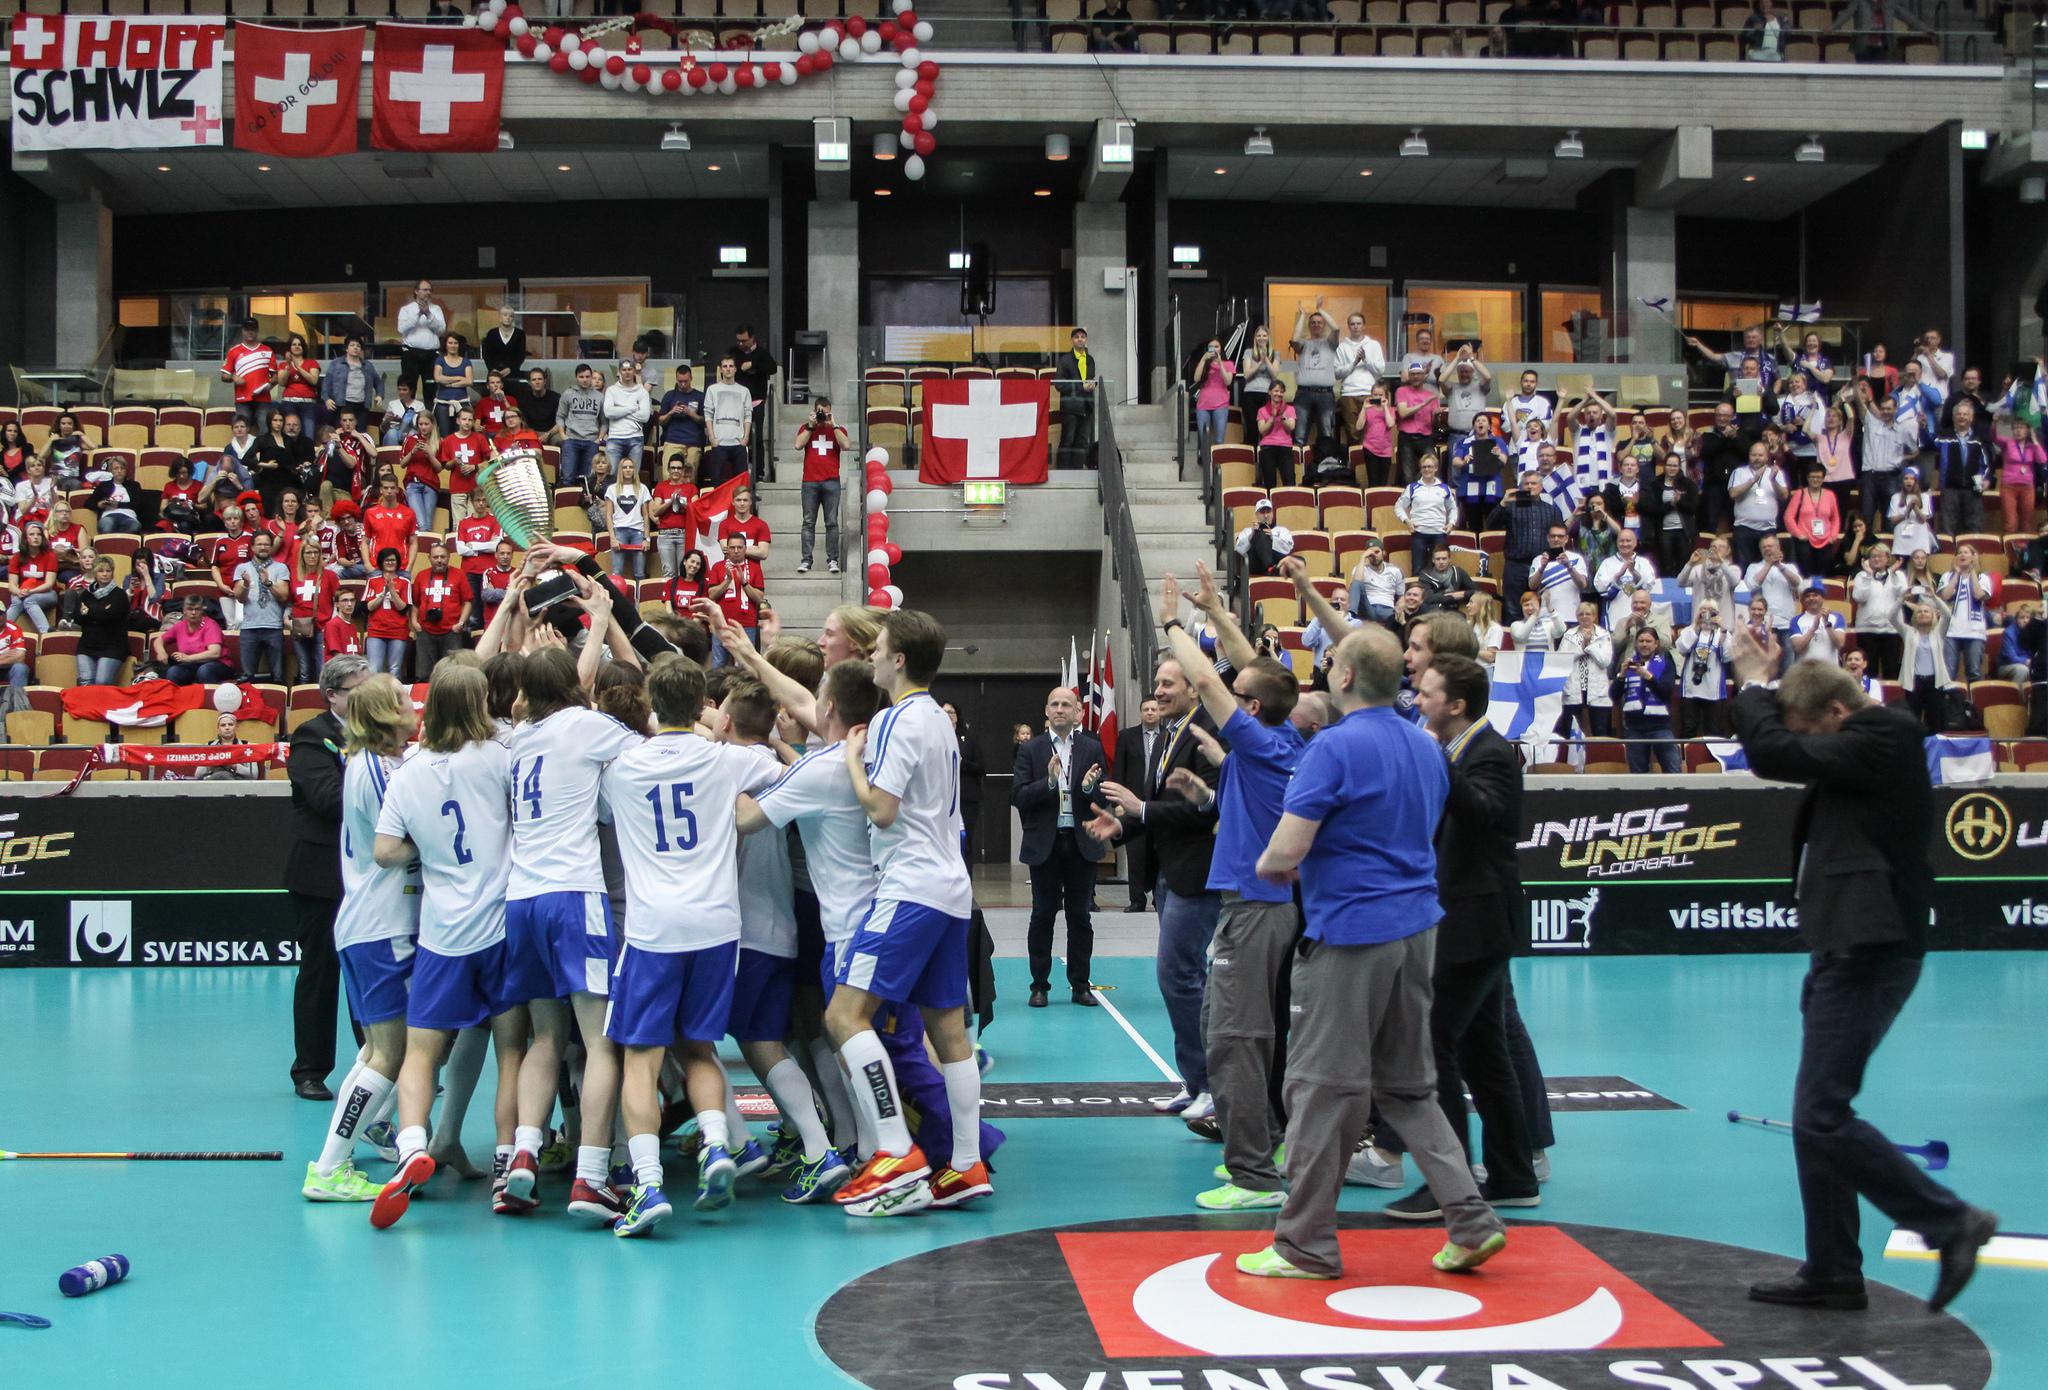 Vuoden 2019 poikien MM-kisat pelataan Nova Scotiassa. Kuva: Mika Hilska, Salibandyliiga